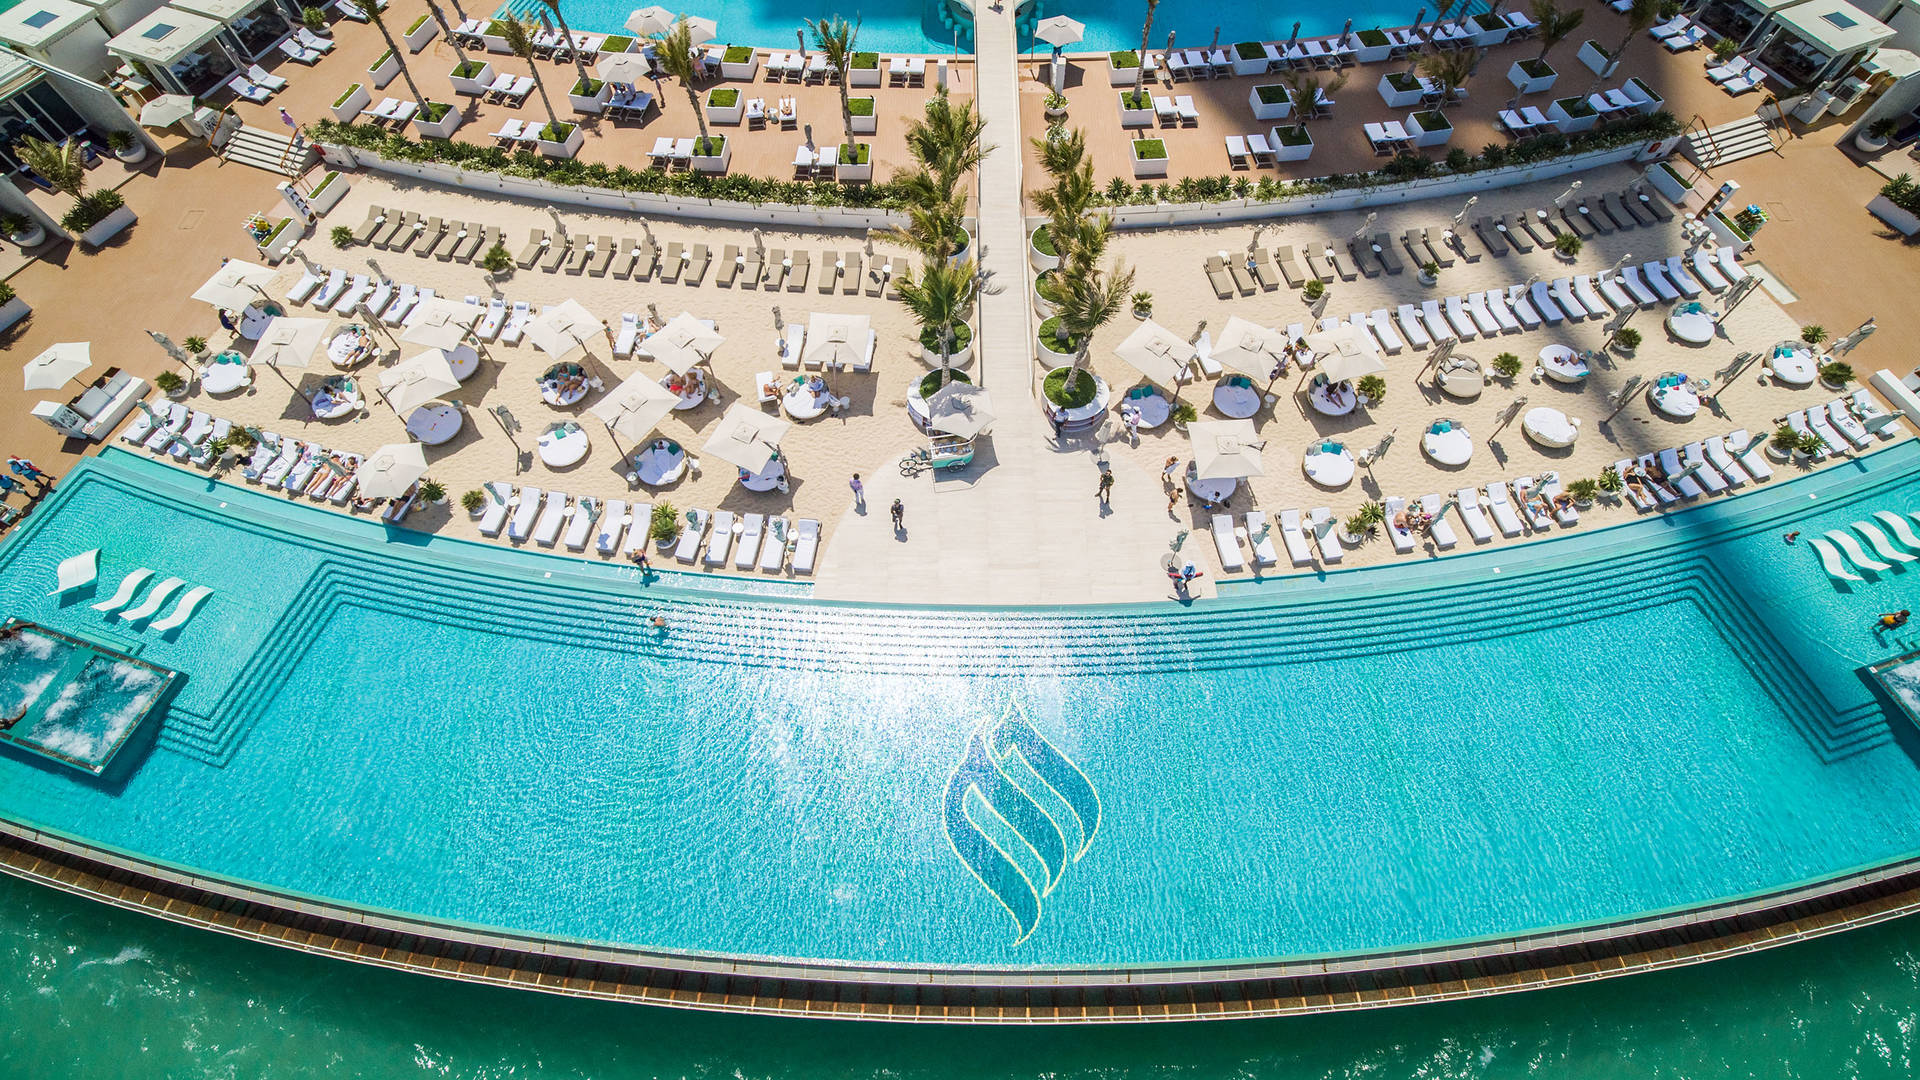 卓美亚帆船酒店海上浮台无人机